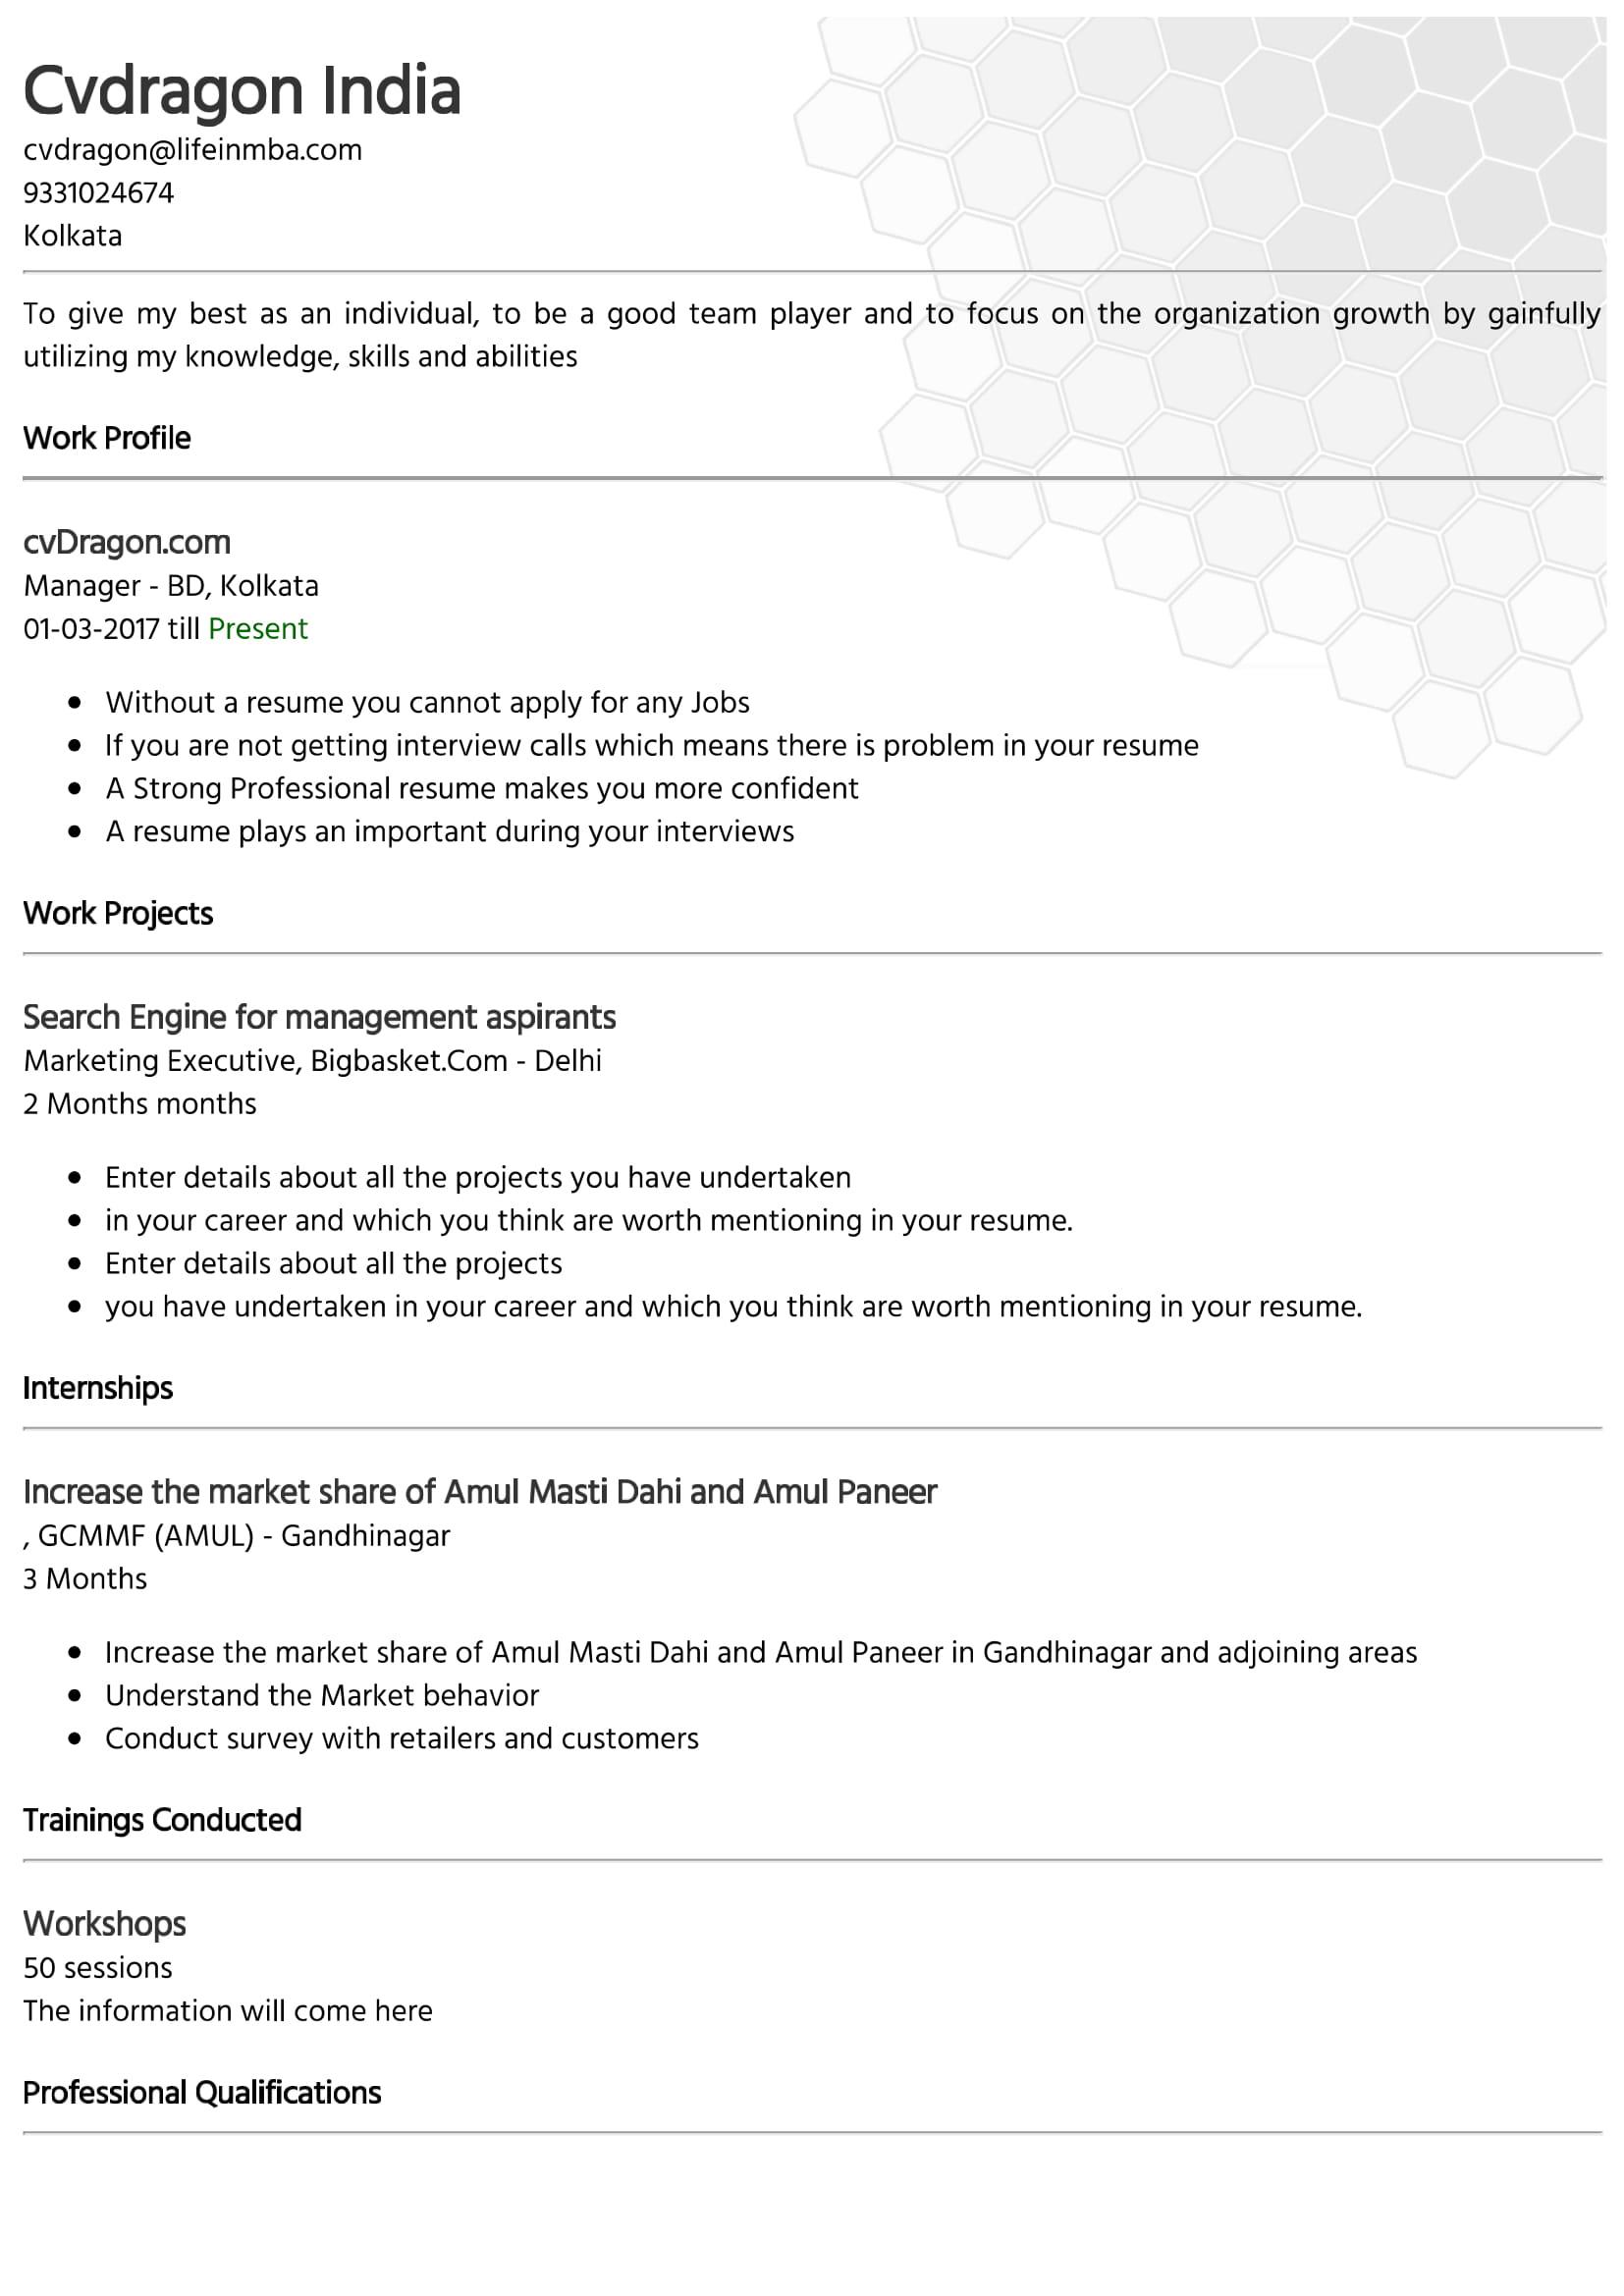 Resume Design - 22